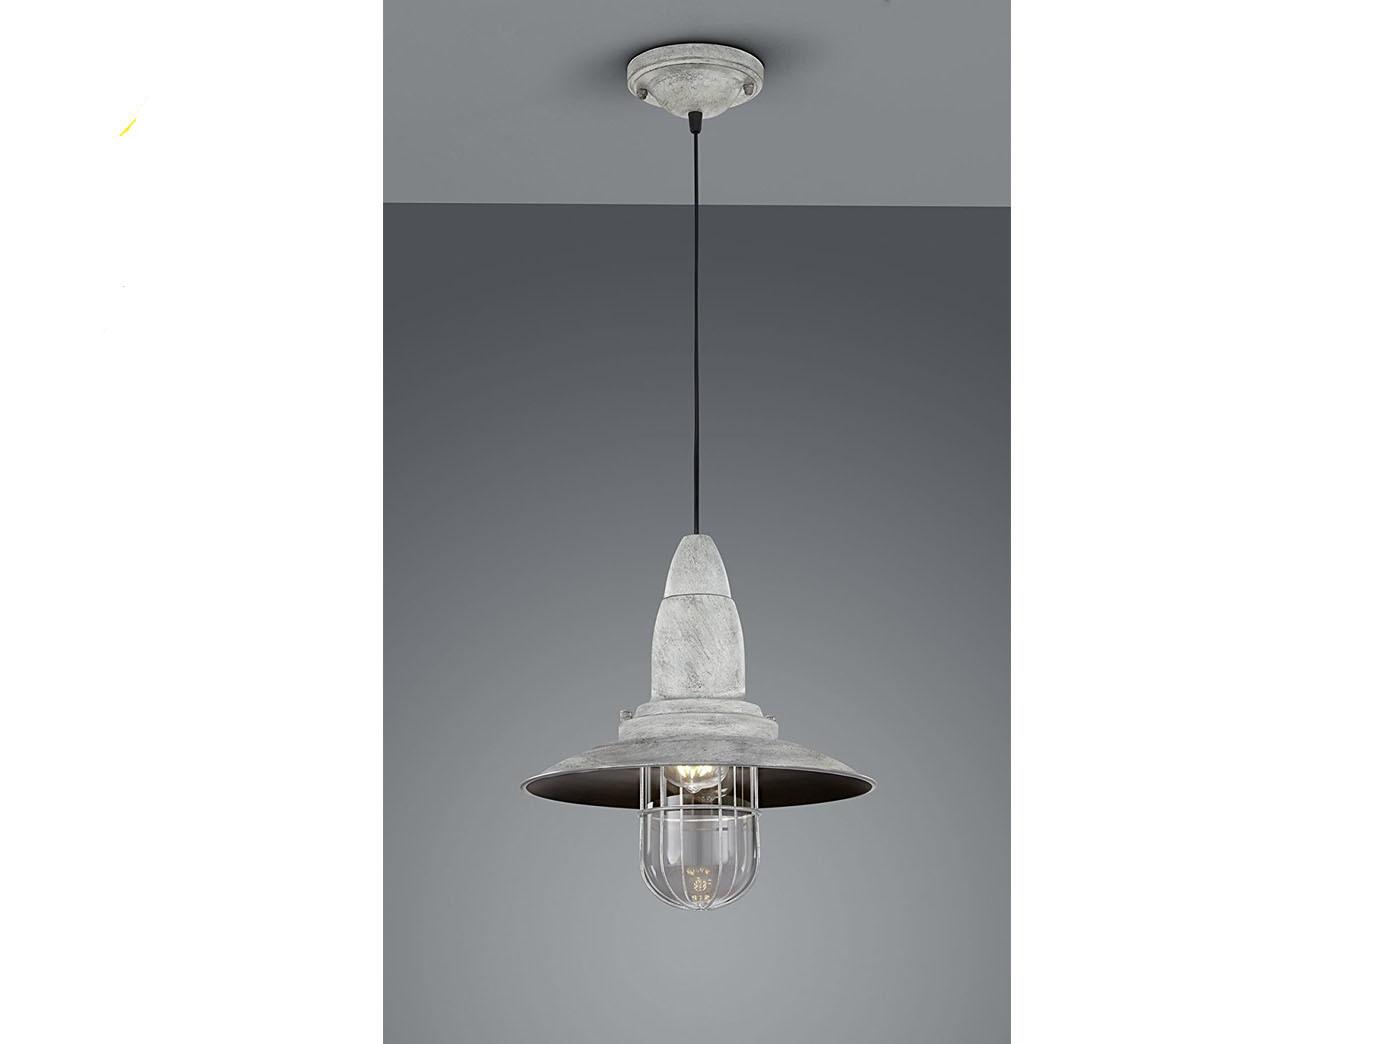 led pendelleuchte industrie lampenschirm grau antik glas h ngelampe vintage ebay. Black Bedroom Furniture Sets. Home Design Ideas